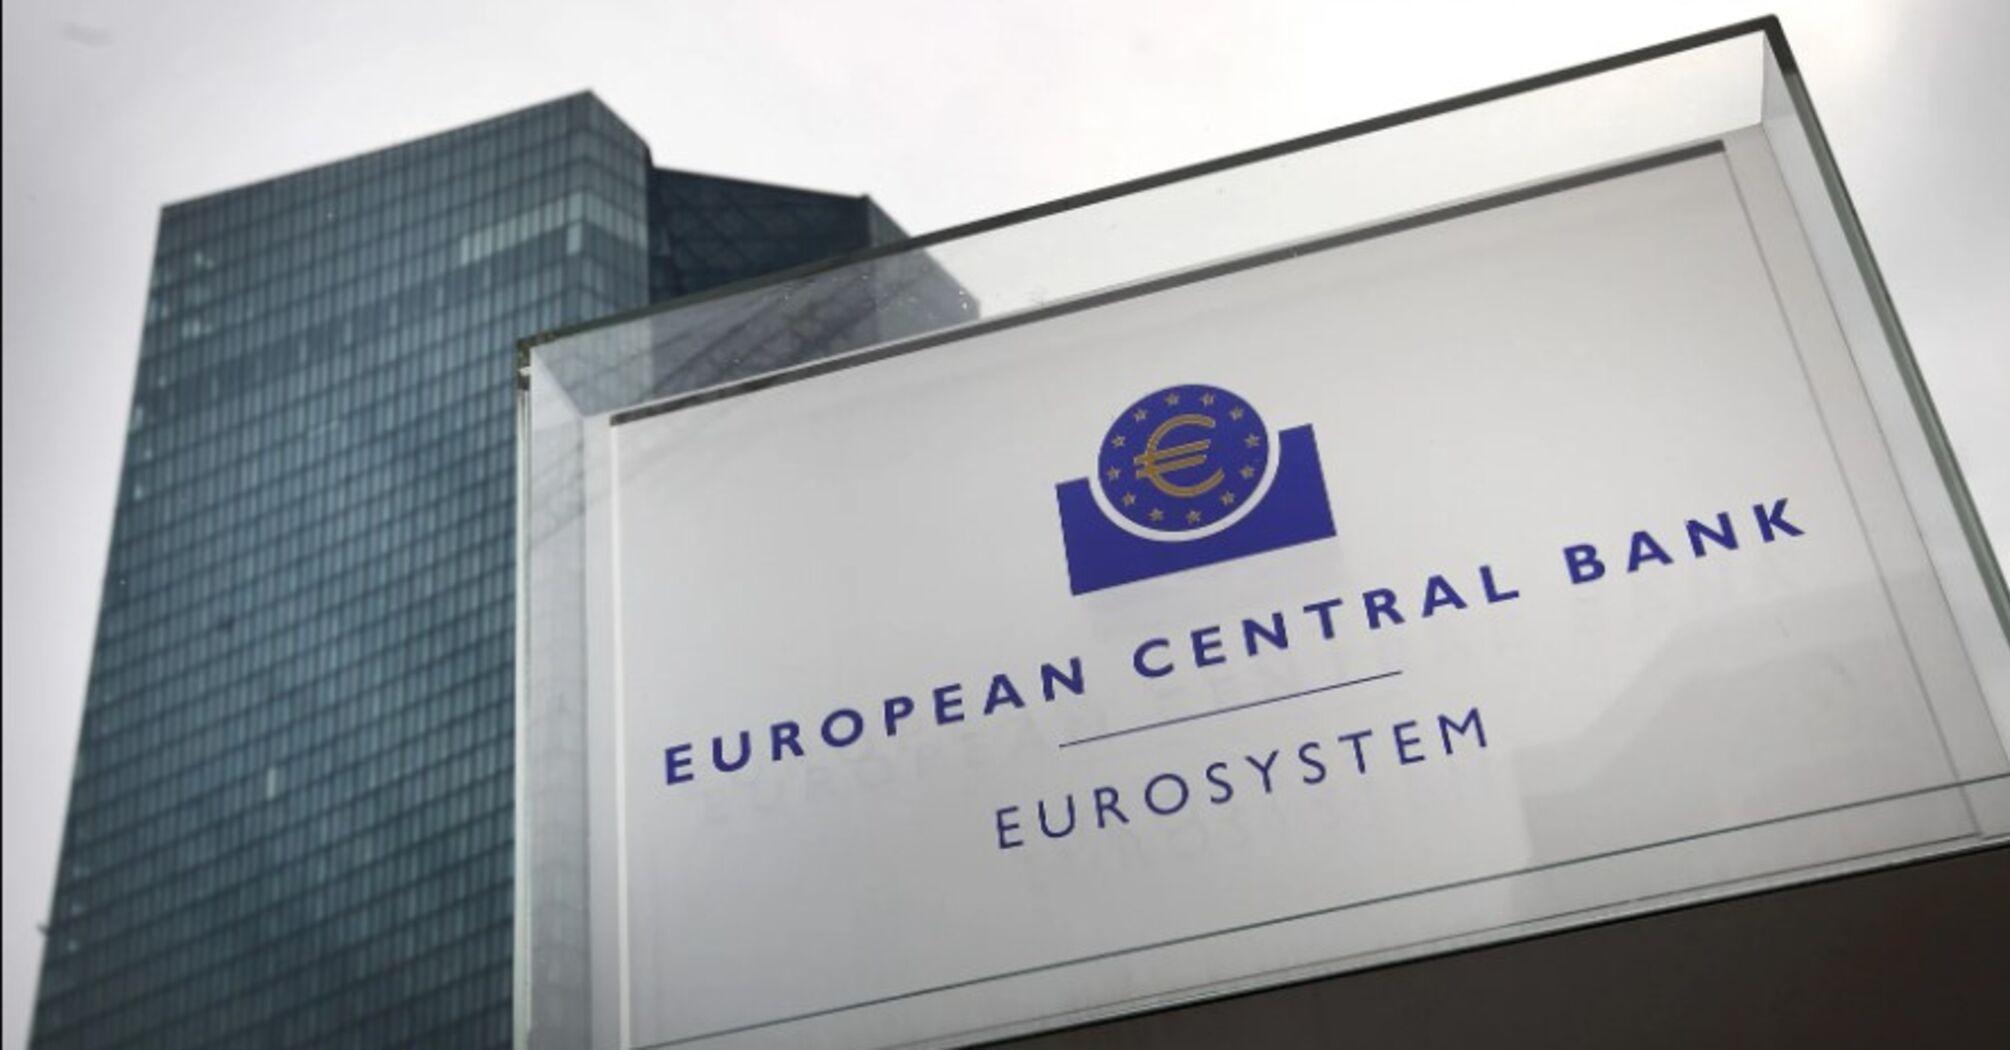 Лагард прогнозирует глубокие изменения в экономике из-за коронакризиса